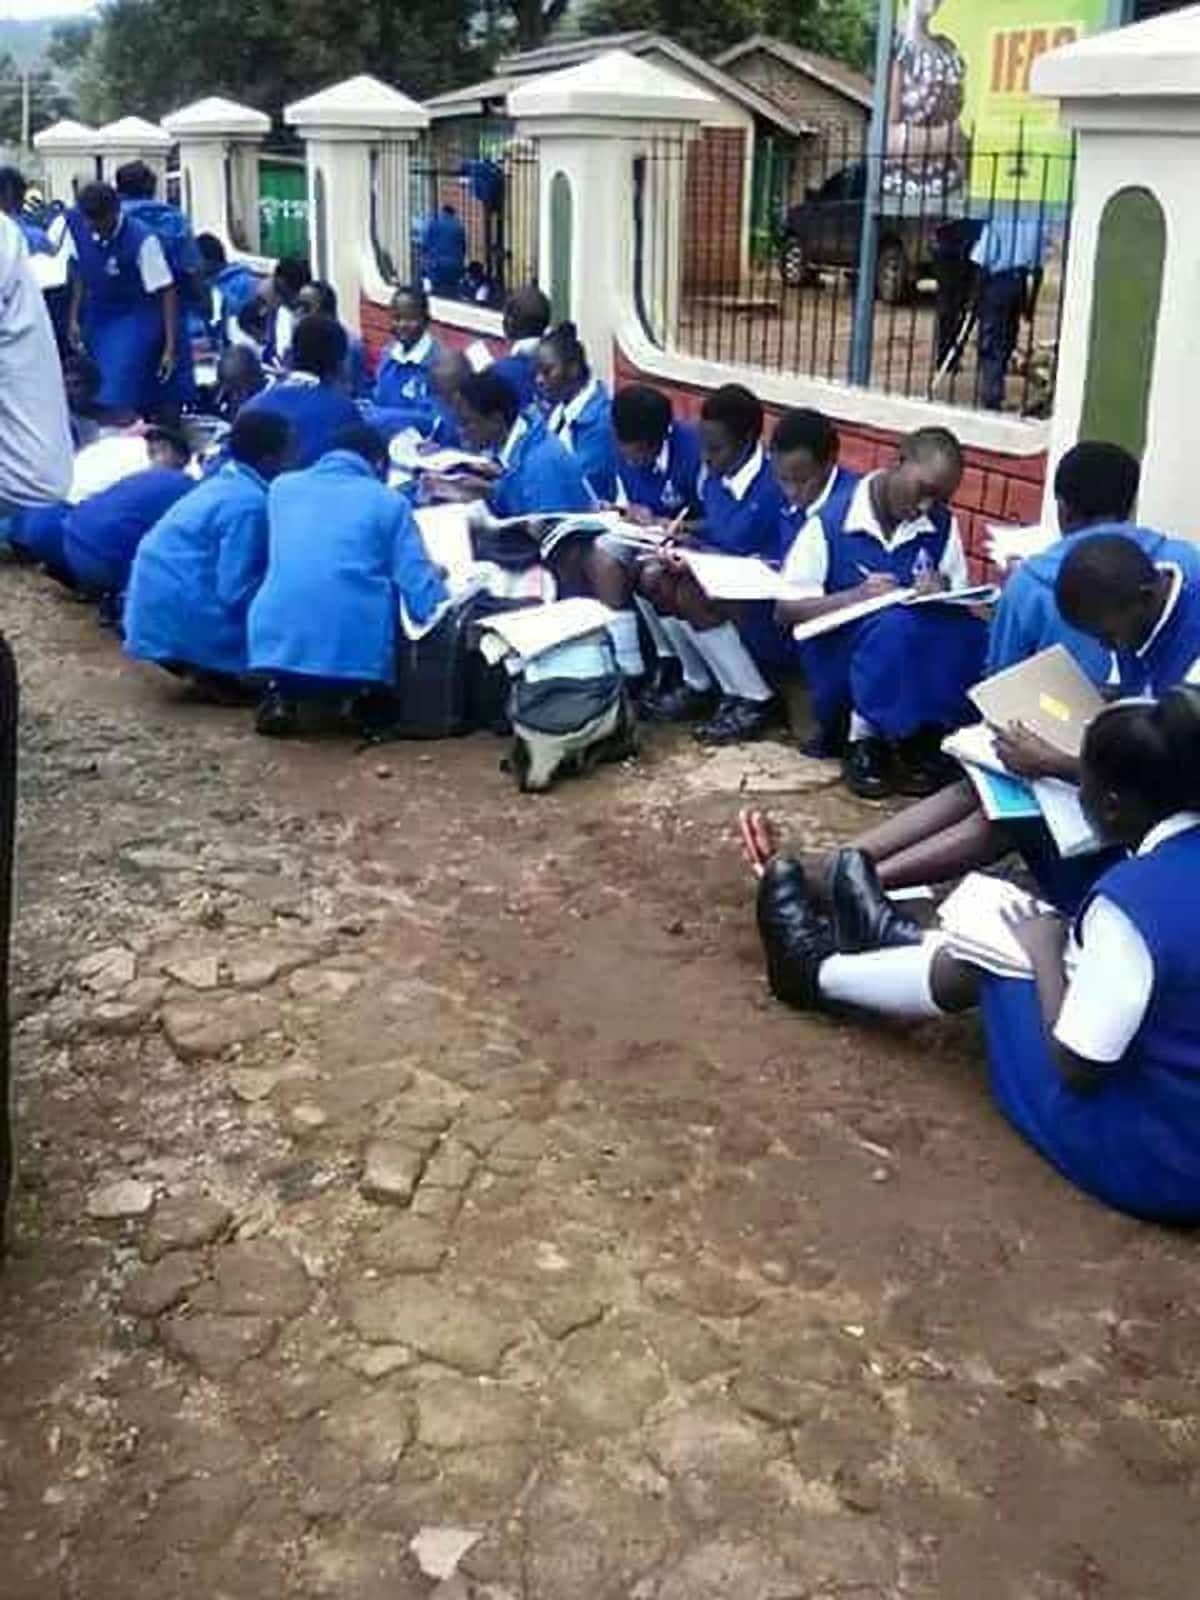 Wasichana goigoi wapewa adhabu, hawakufanya 'homework' wakati wa likizo